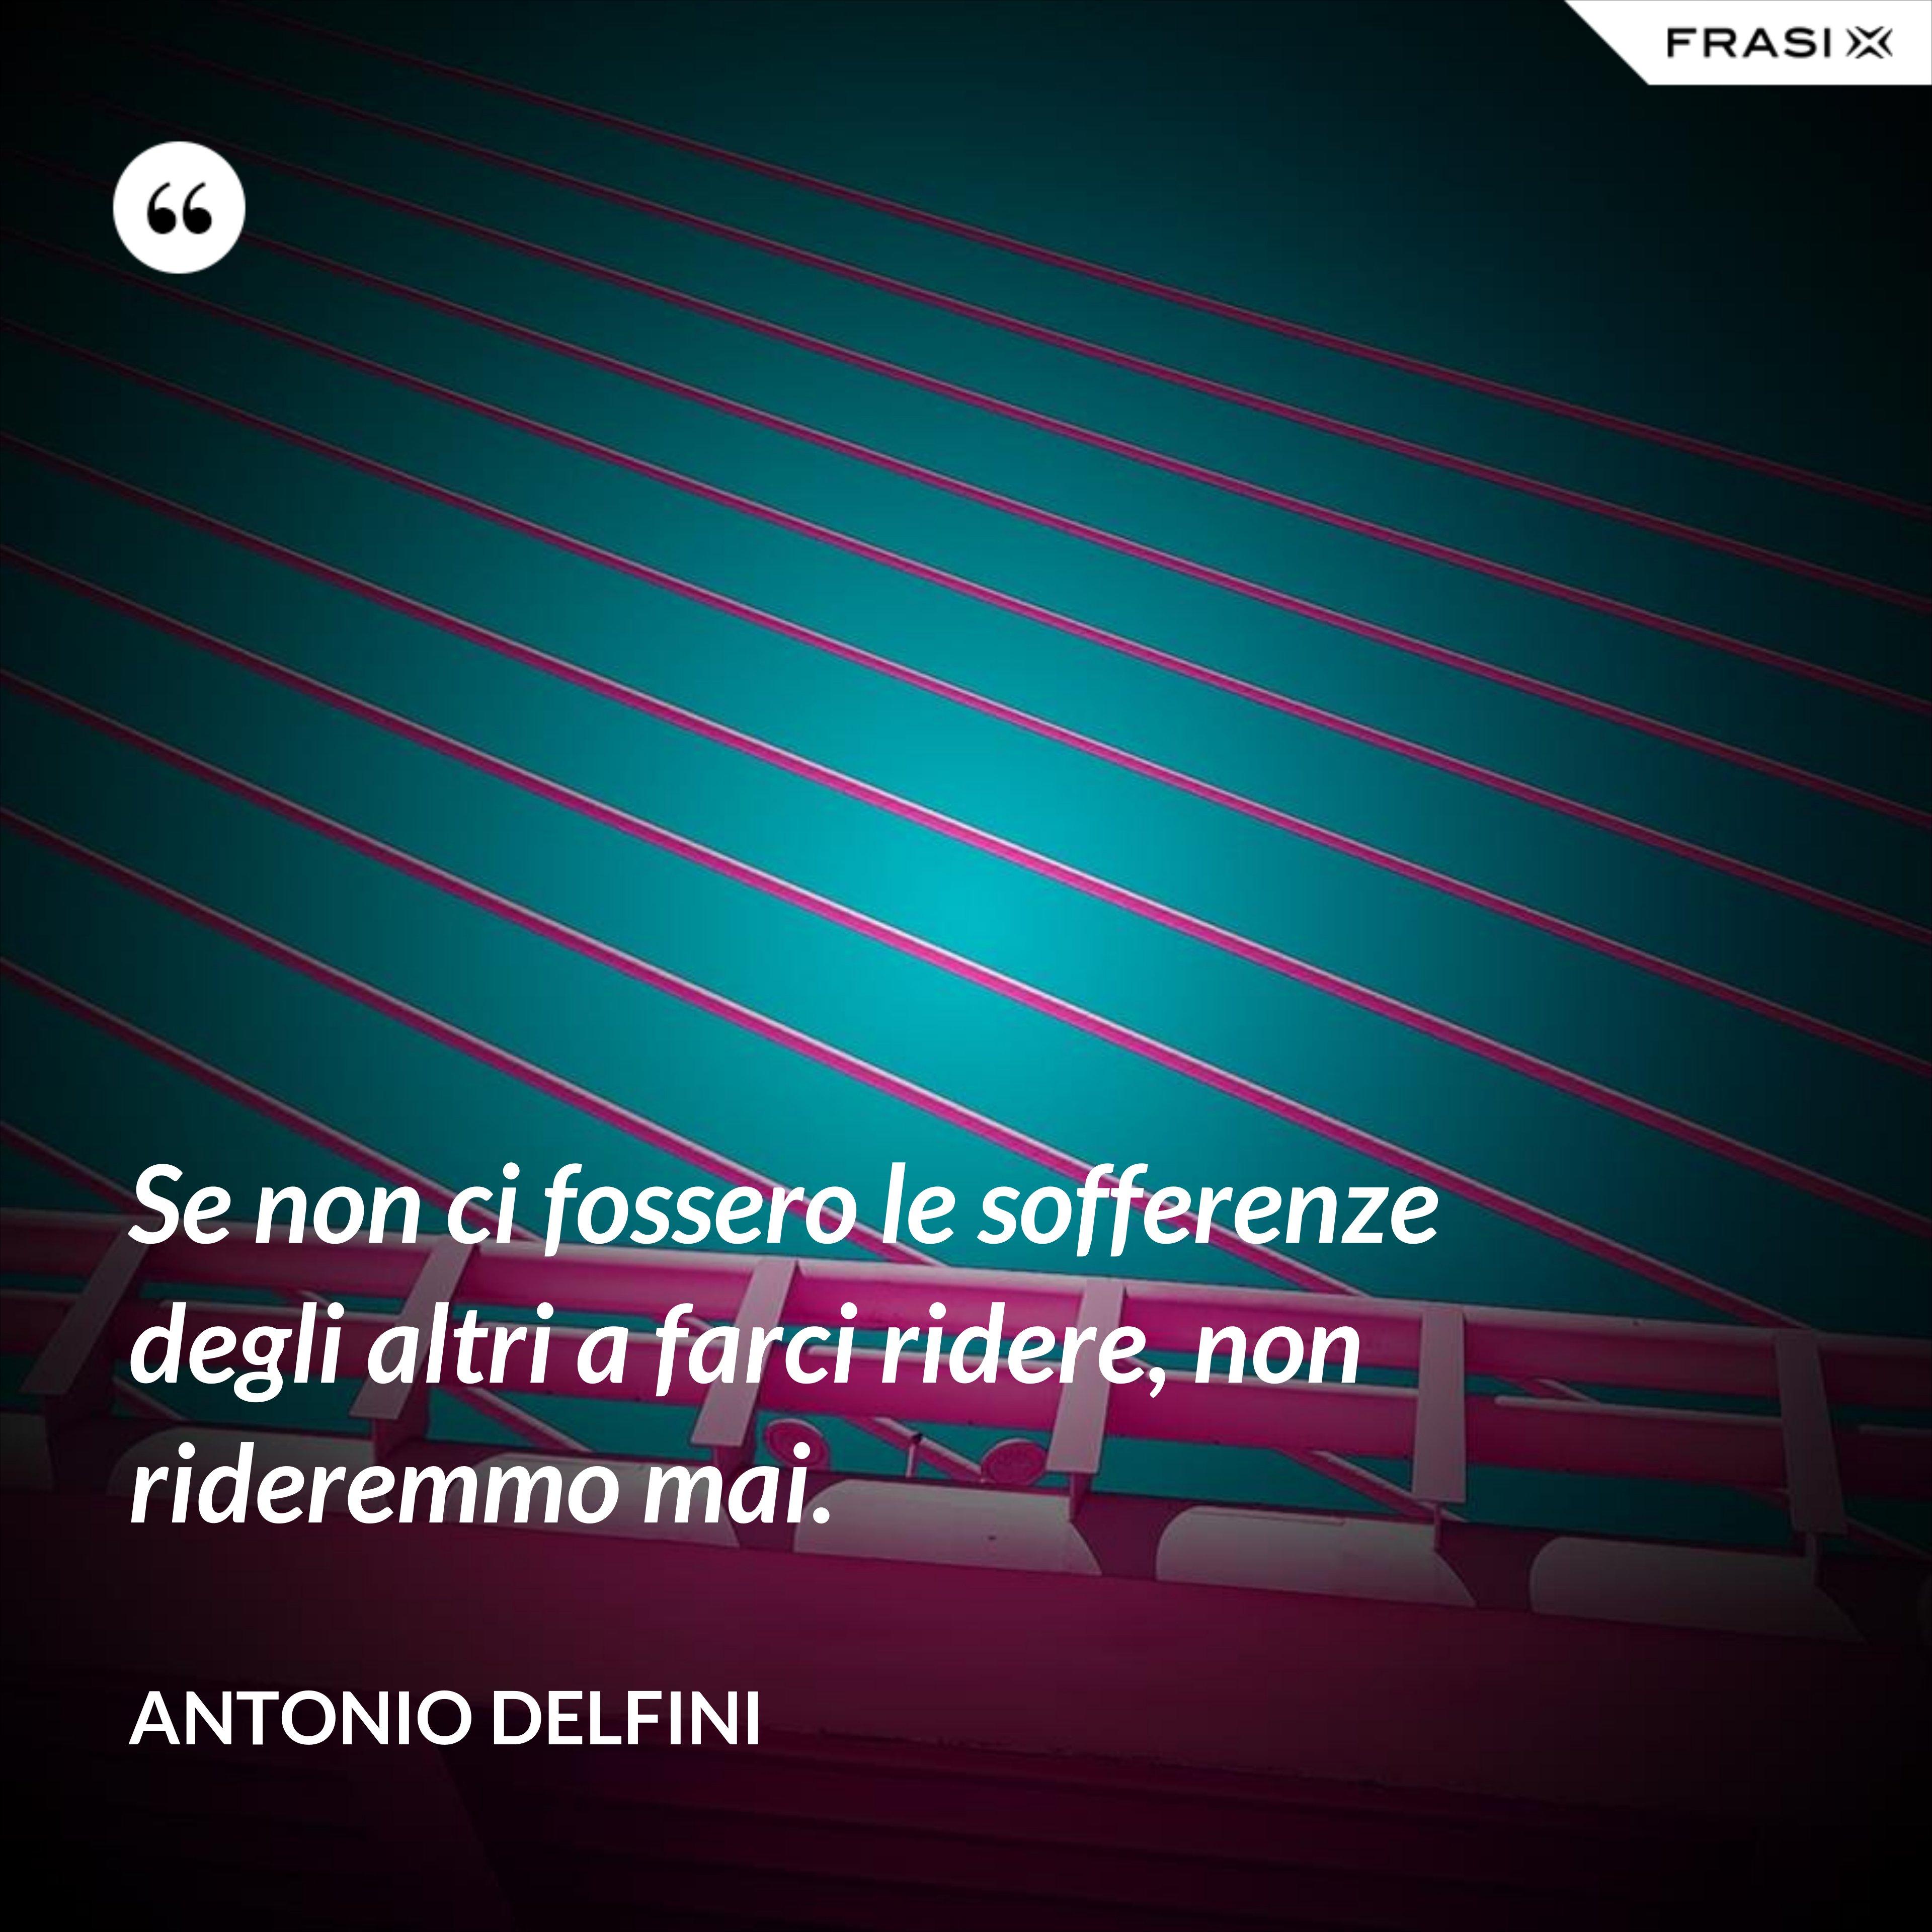 Se non ci fossero le sofferenze degli altri a farci ridere, non rideremmo mai. - Antonio Delfini